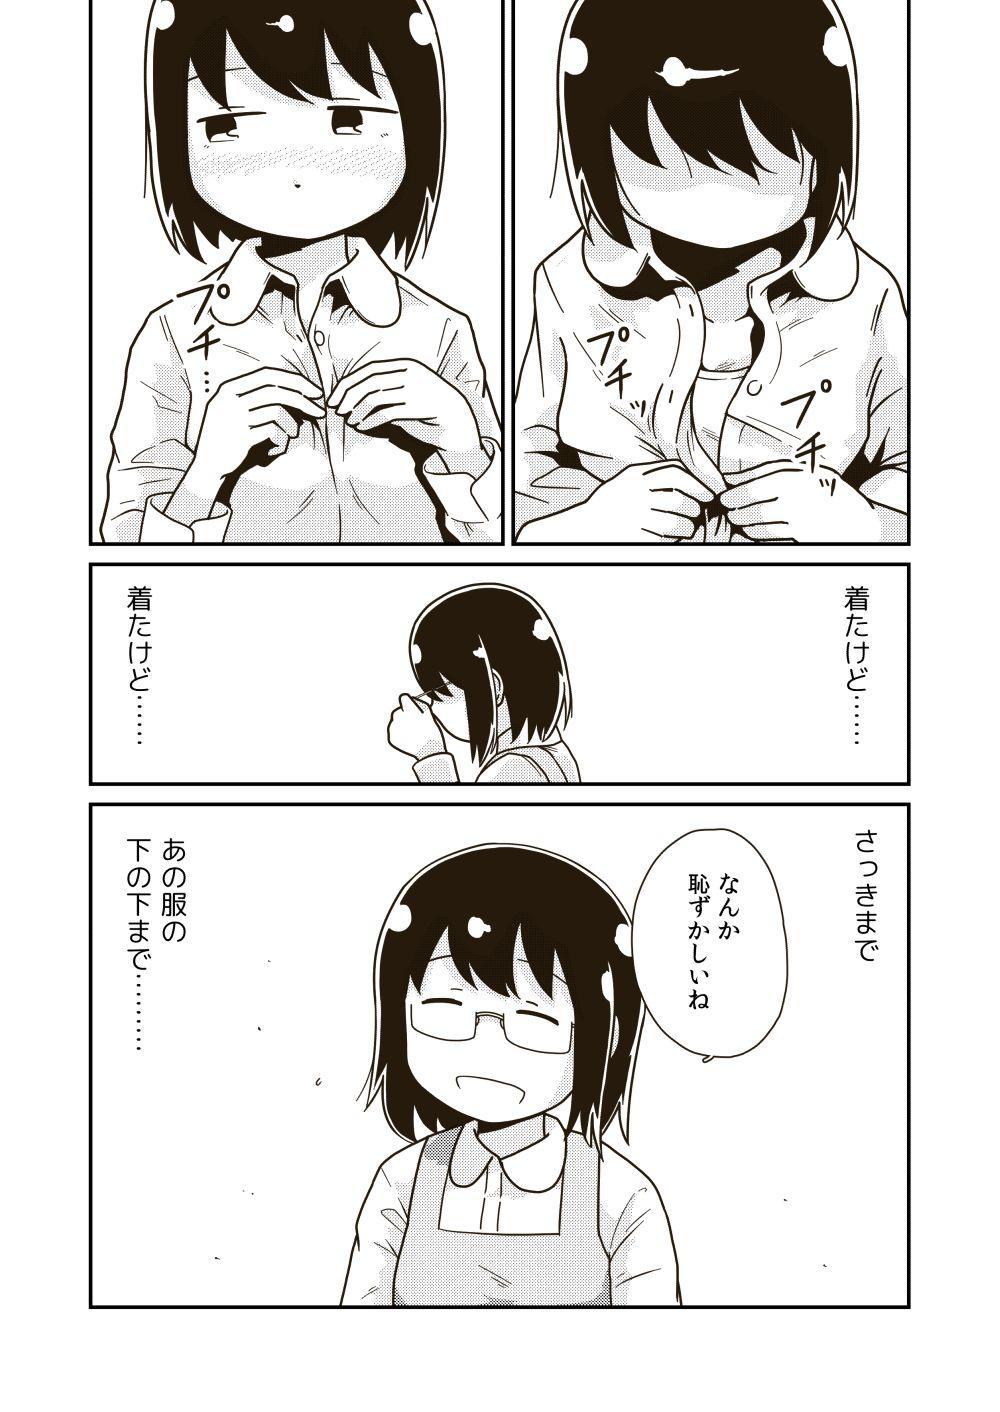 Futari no Hajimete 22